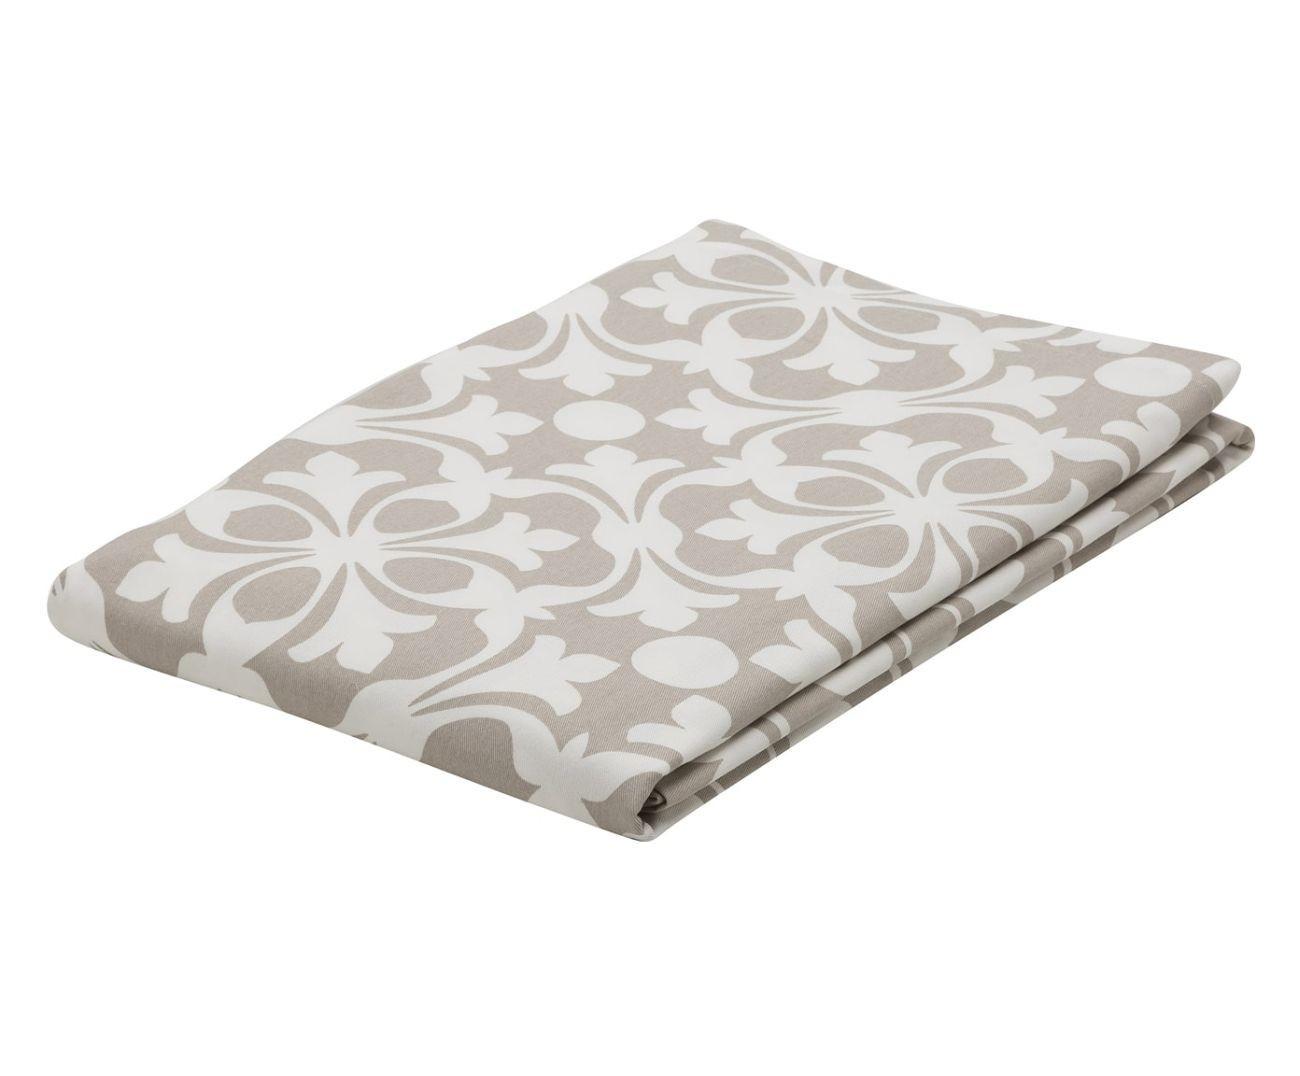 peppa grace malaga twill tischdecke online kaufen bei woonio. Black Bedroom Furniture Sets. Home Design Ideas